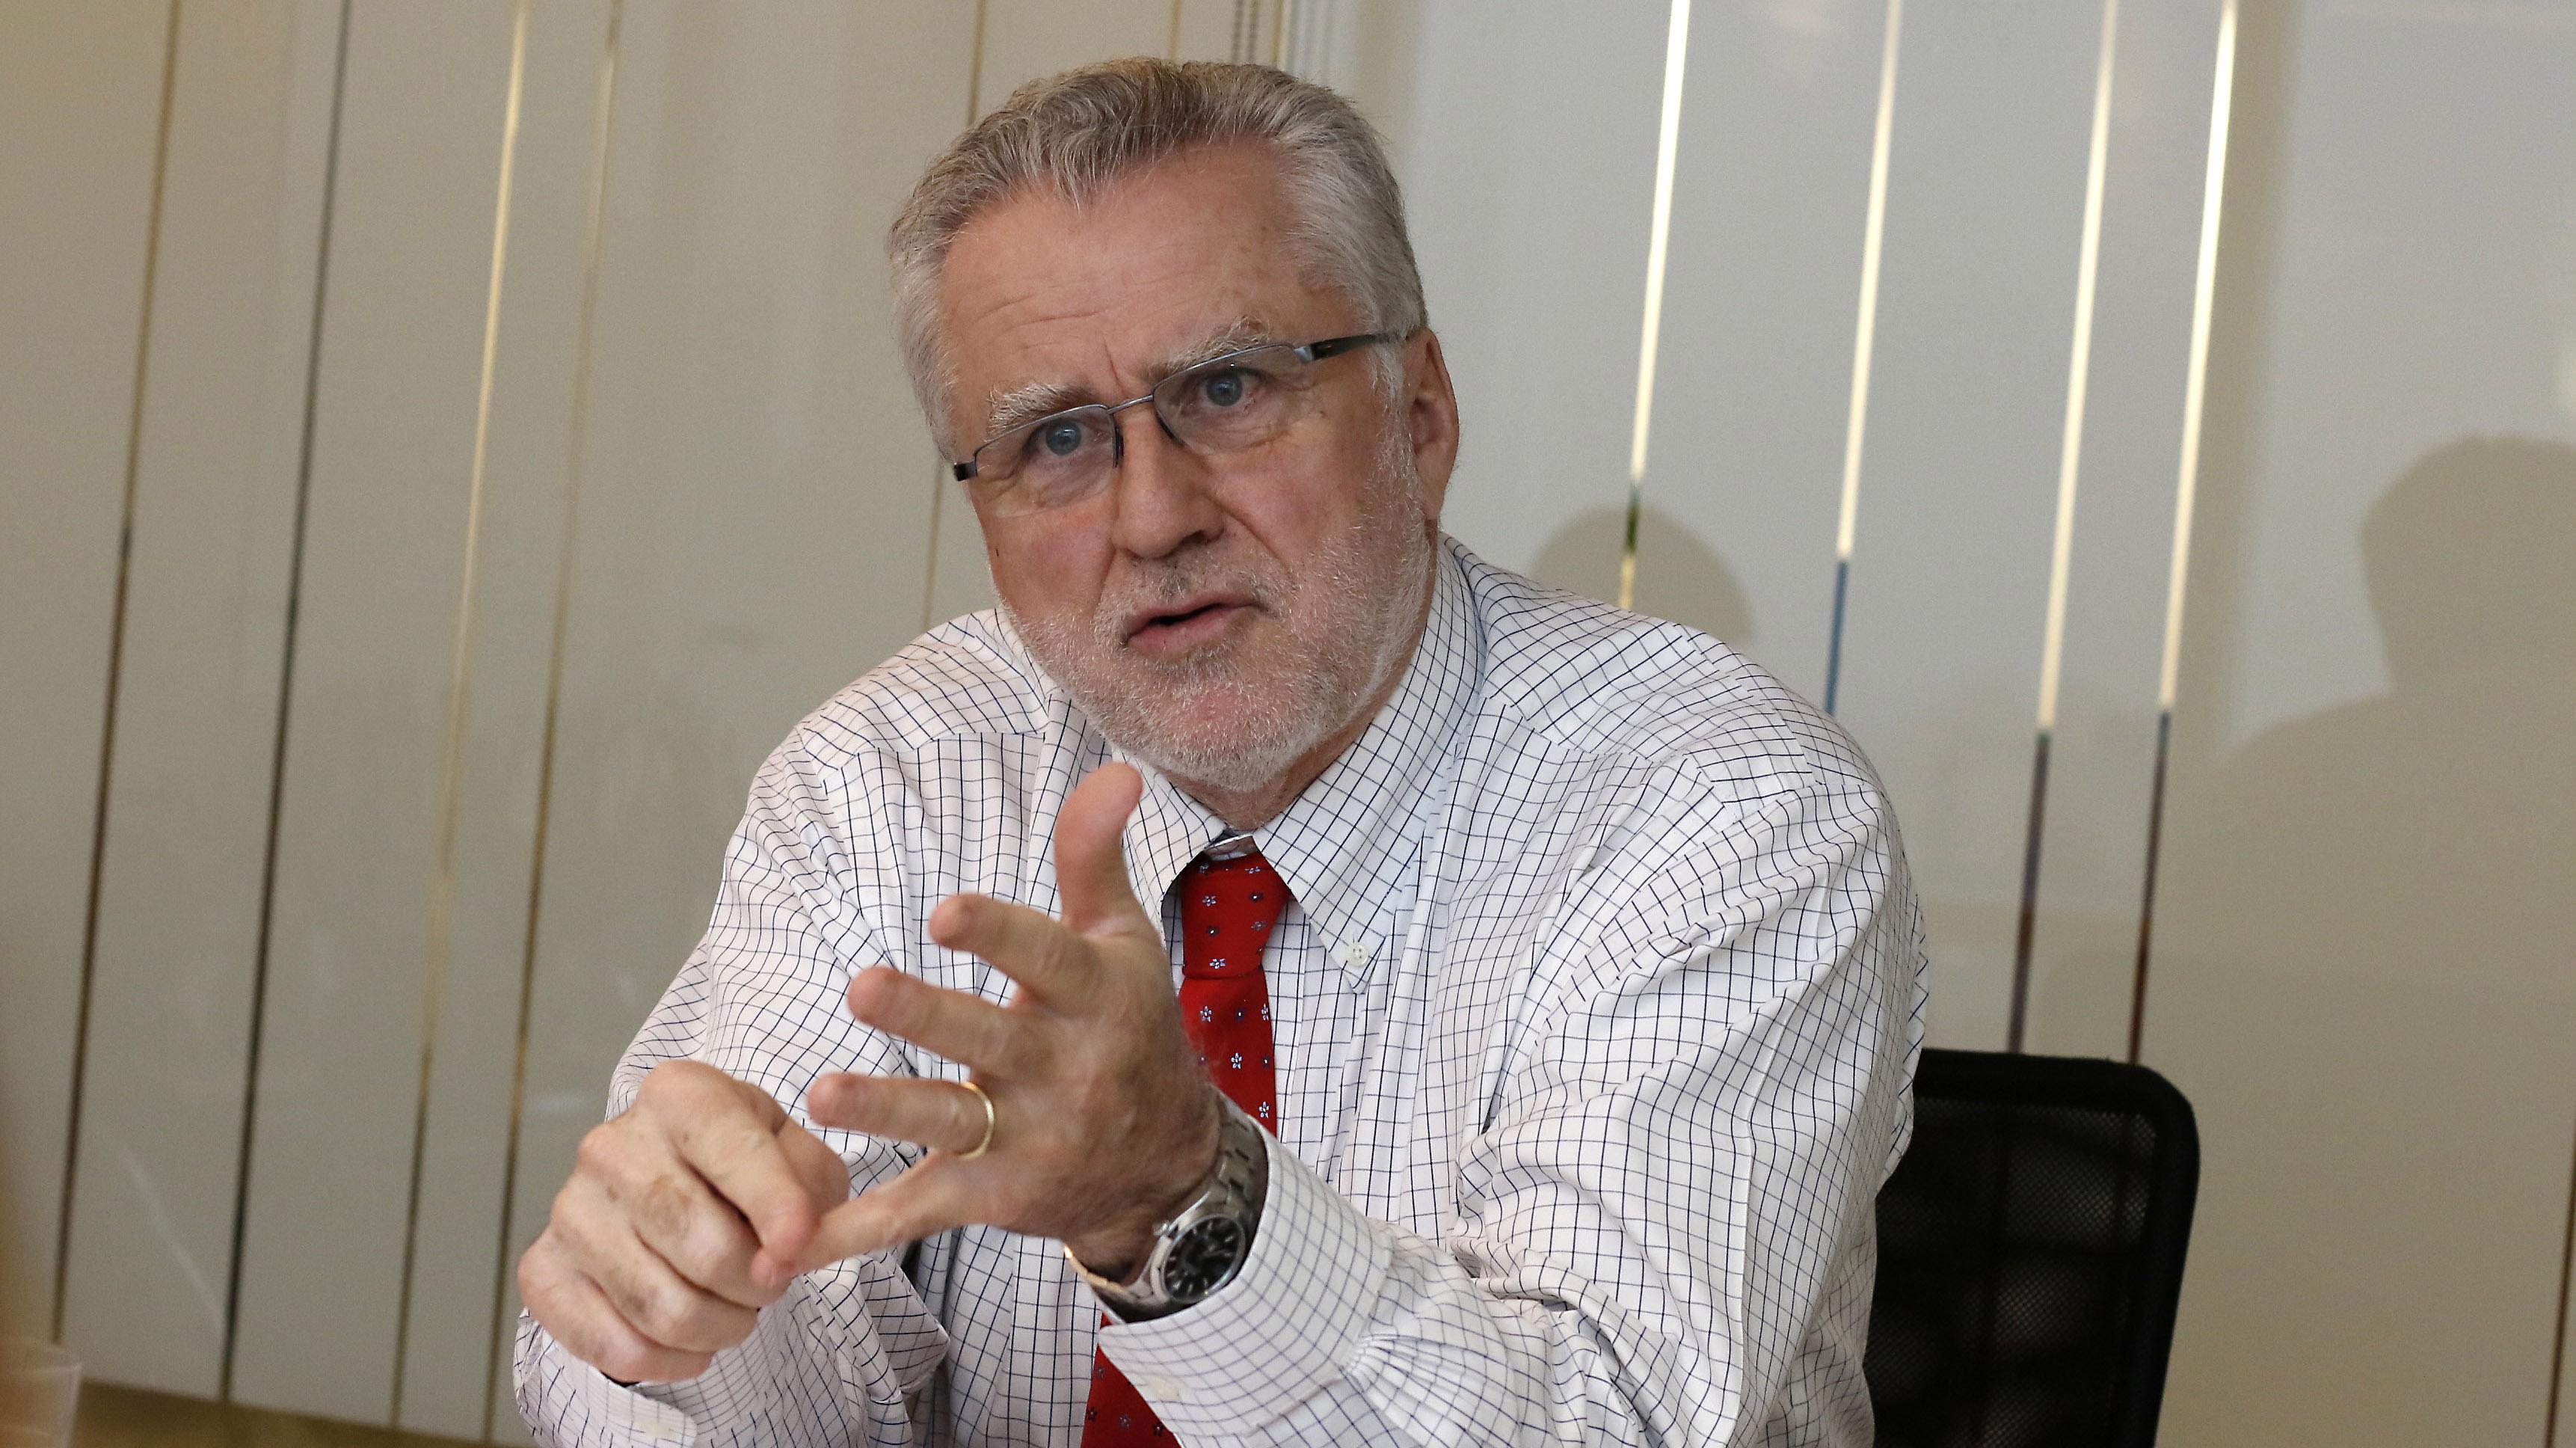 """Máximo Pacheco y cambio voluntario de medidores: """"Tenemos que enfrentar este tema en serio, no con medidas parche"""""""